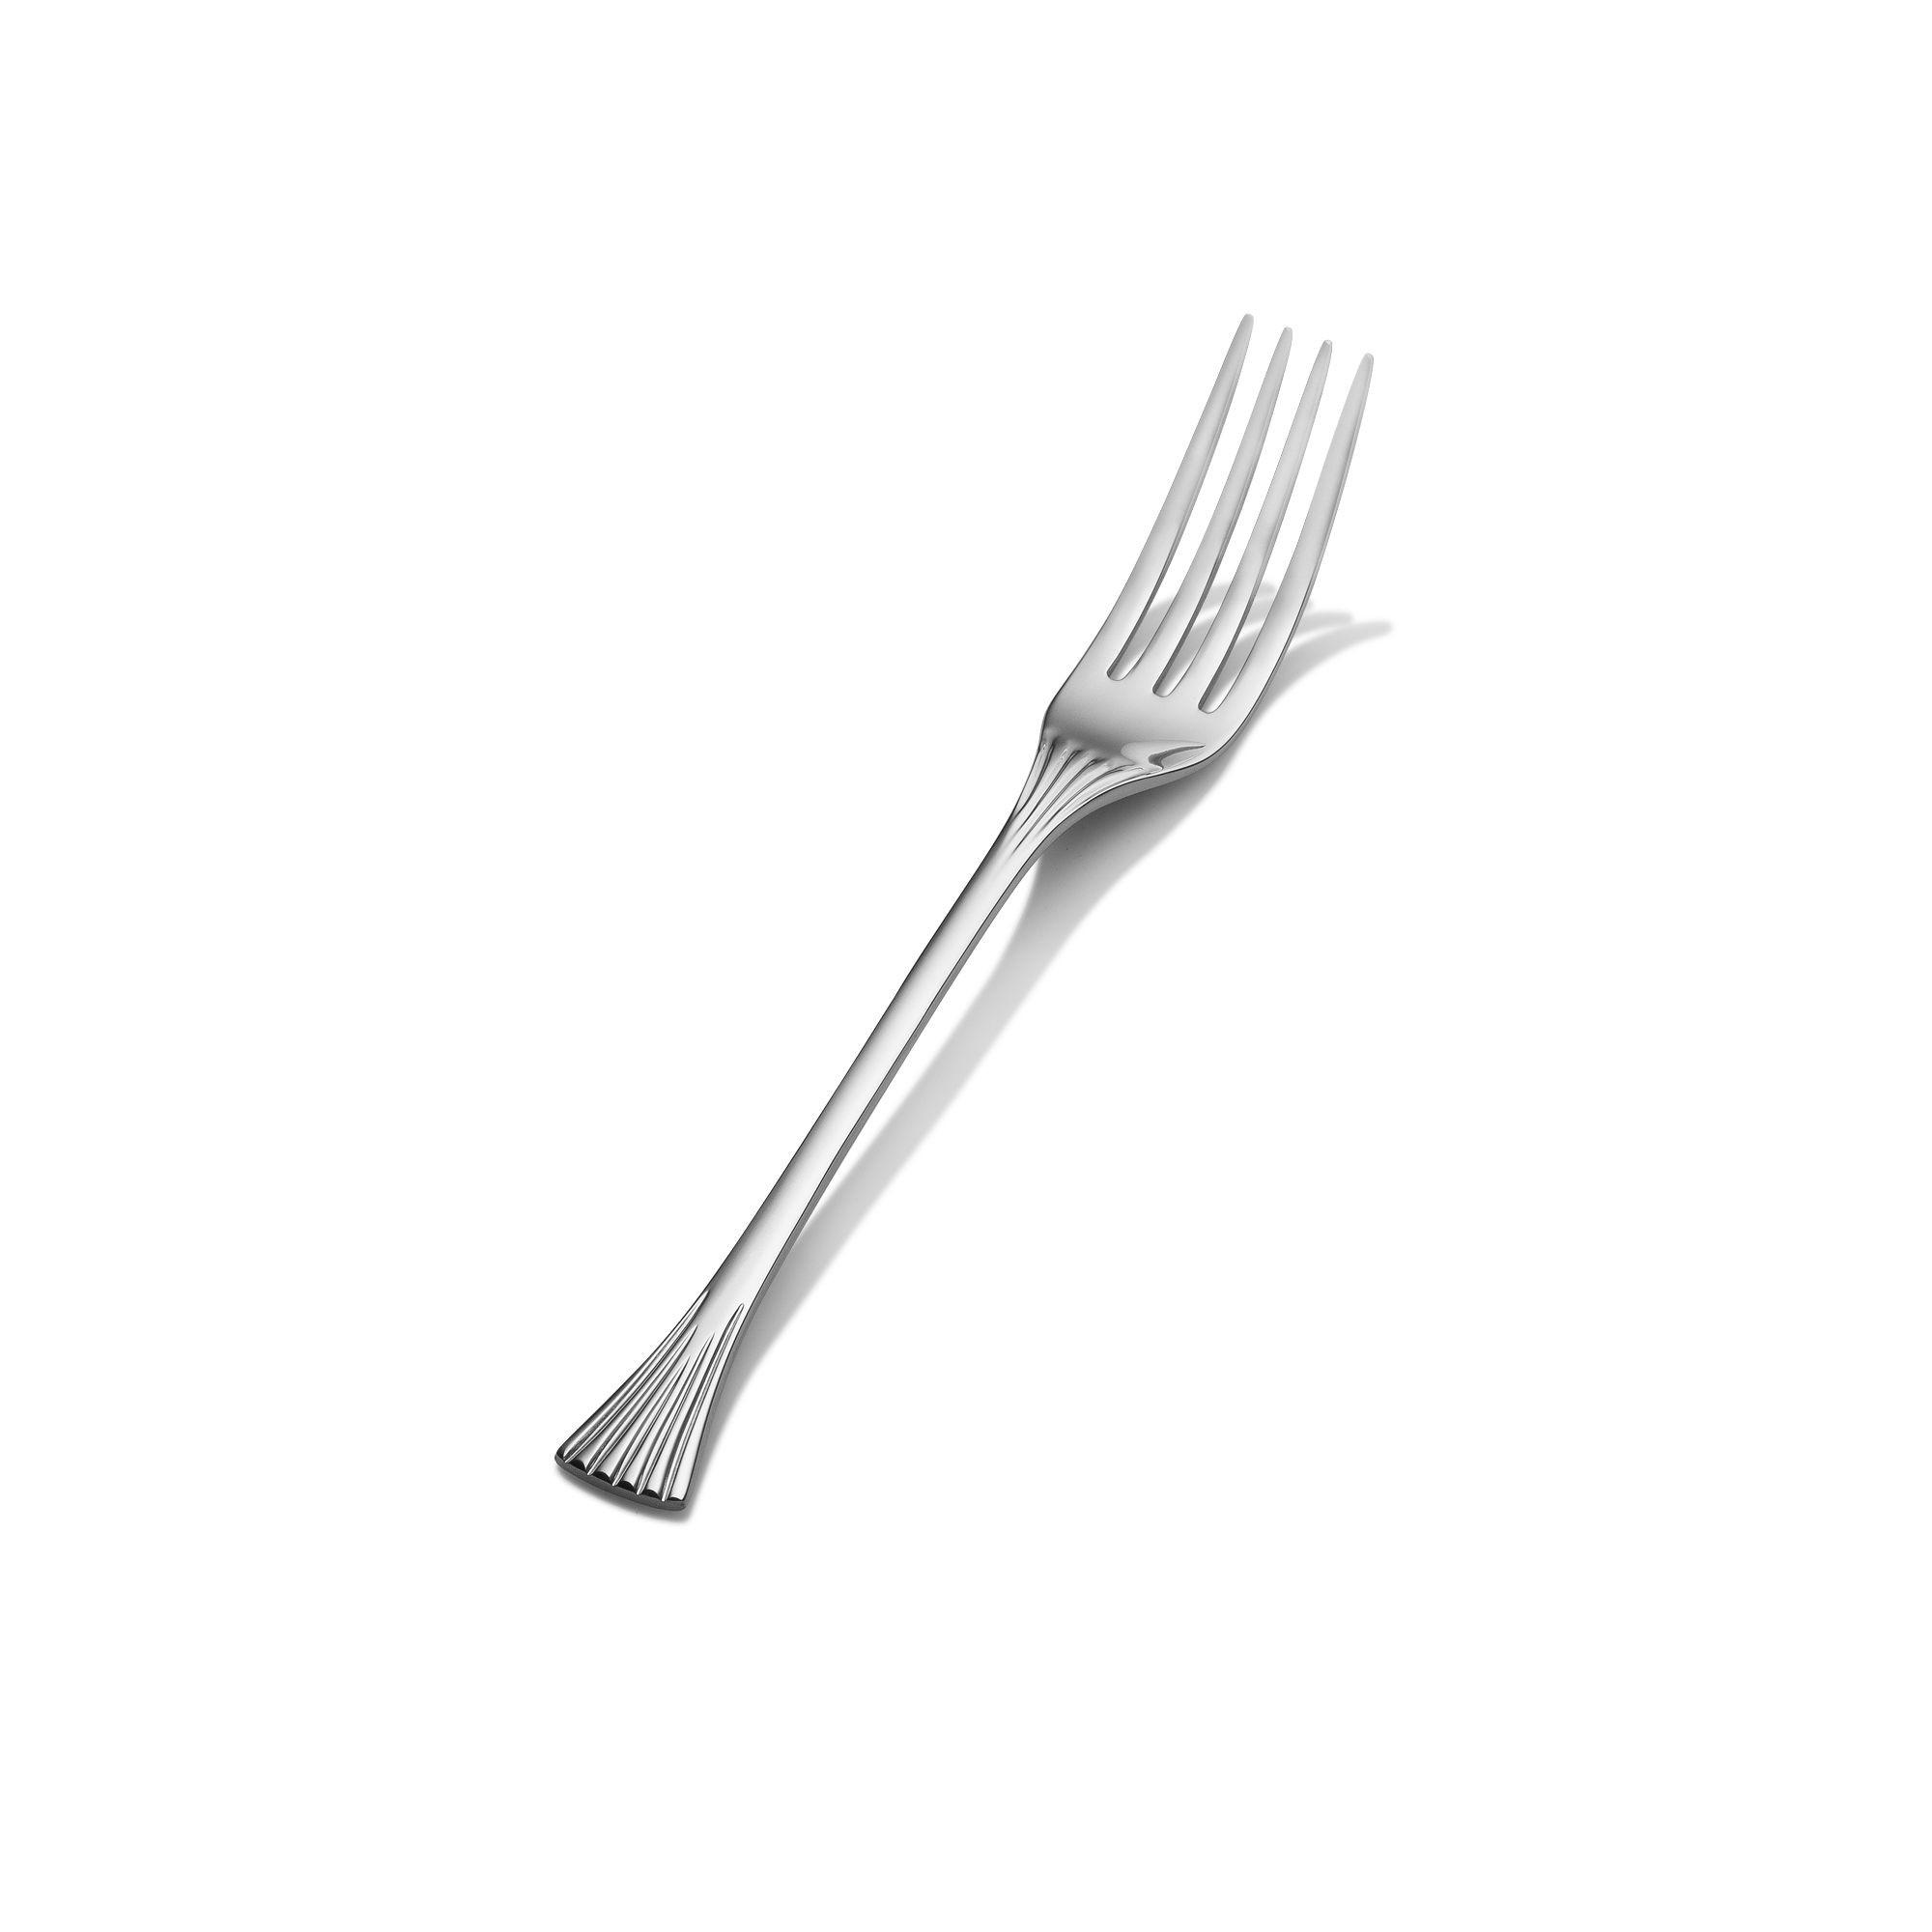 Bon Chef S2805 Mimosa 18/8 Stainless Steel Regular Dinner Fork